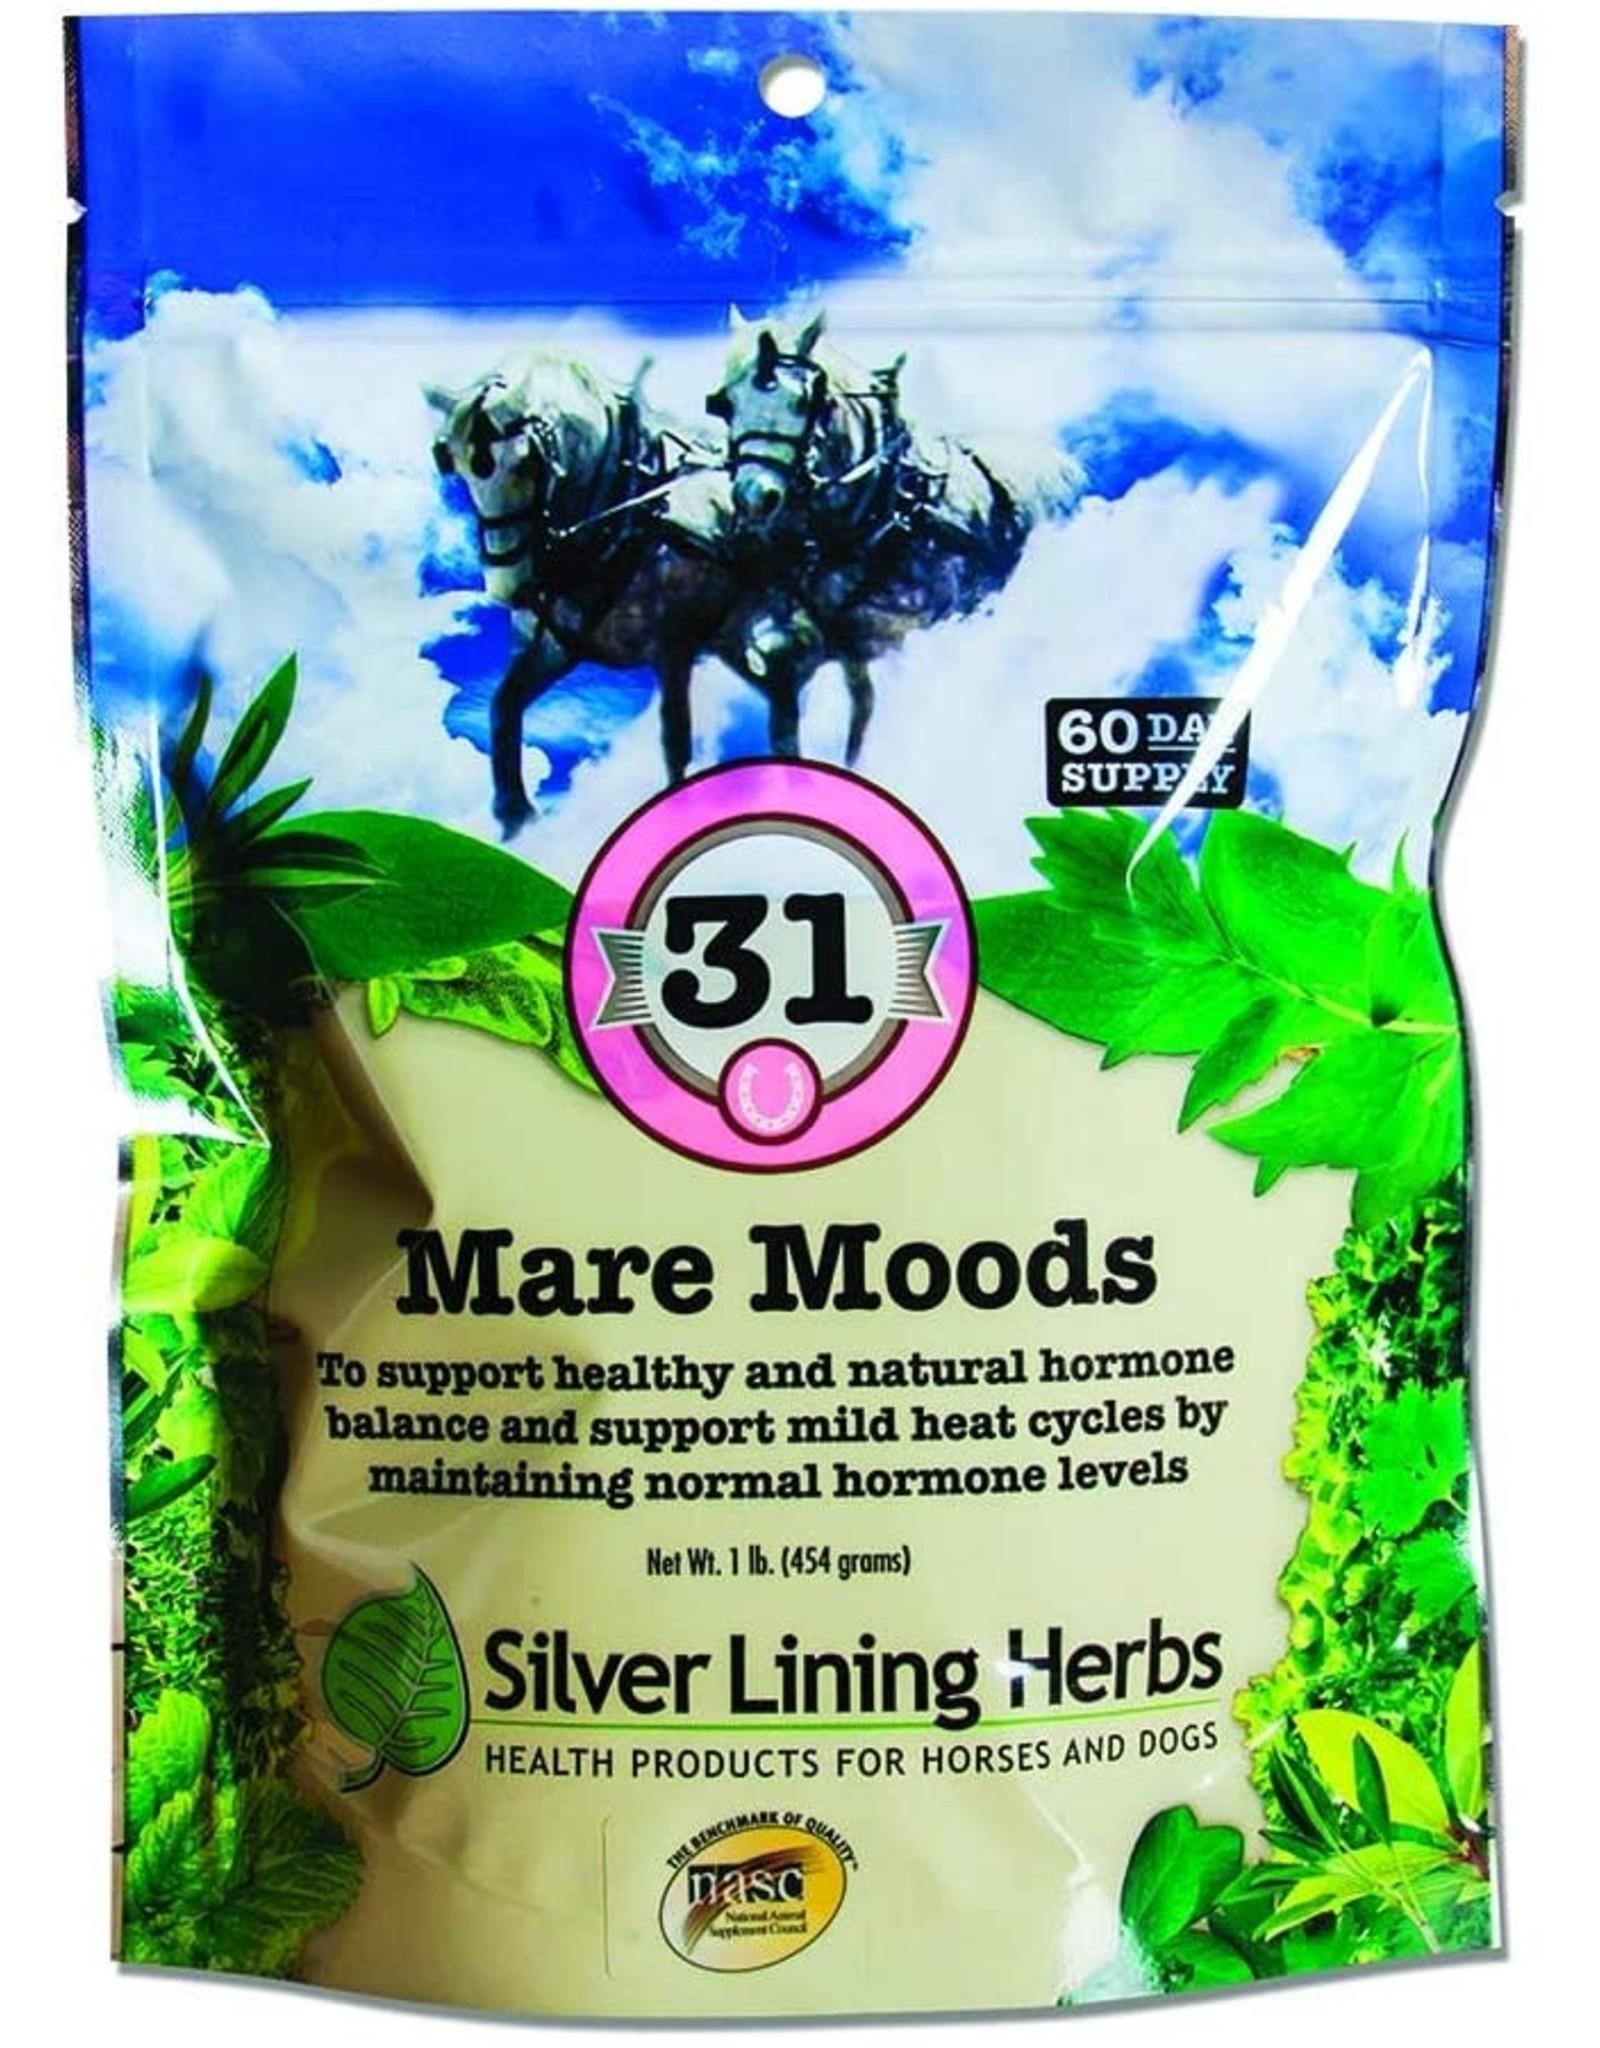 #31 -Mare Moods 1 lb bag